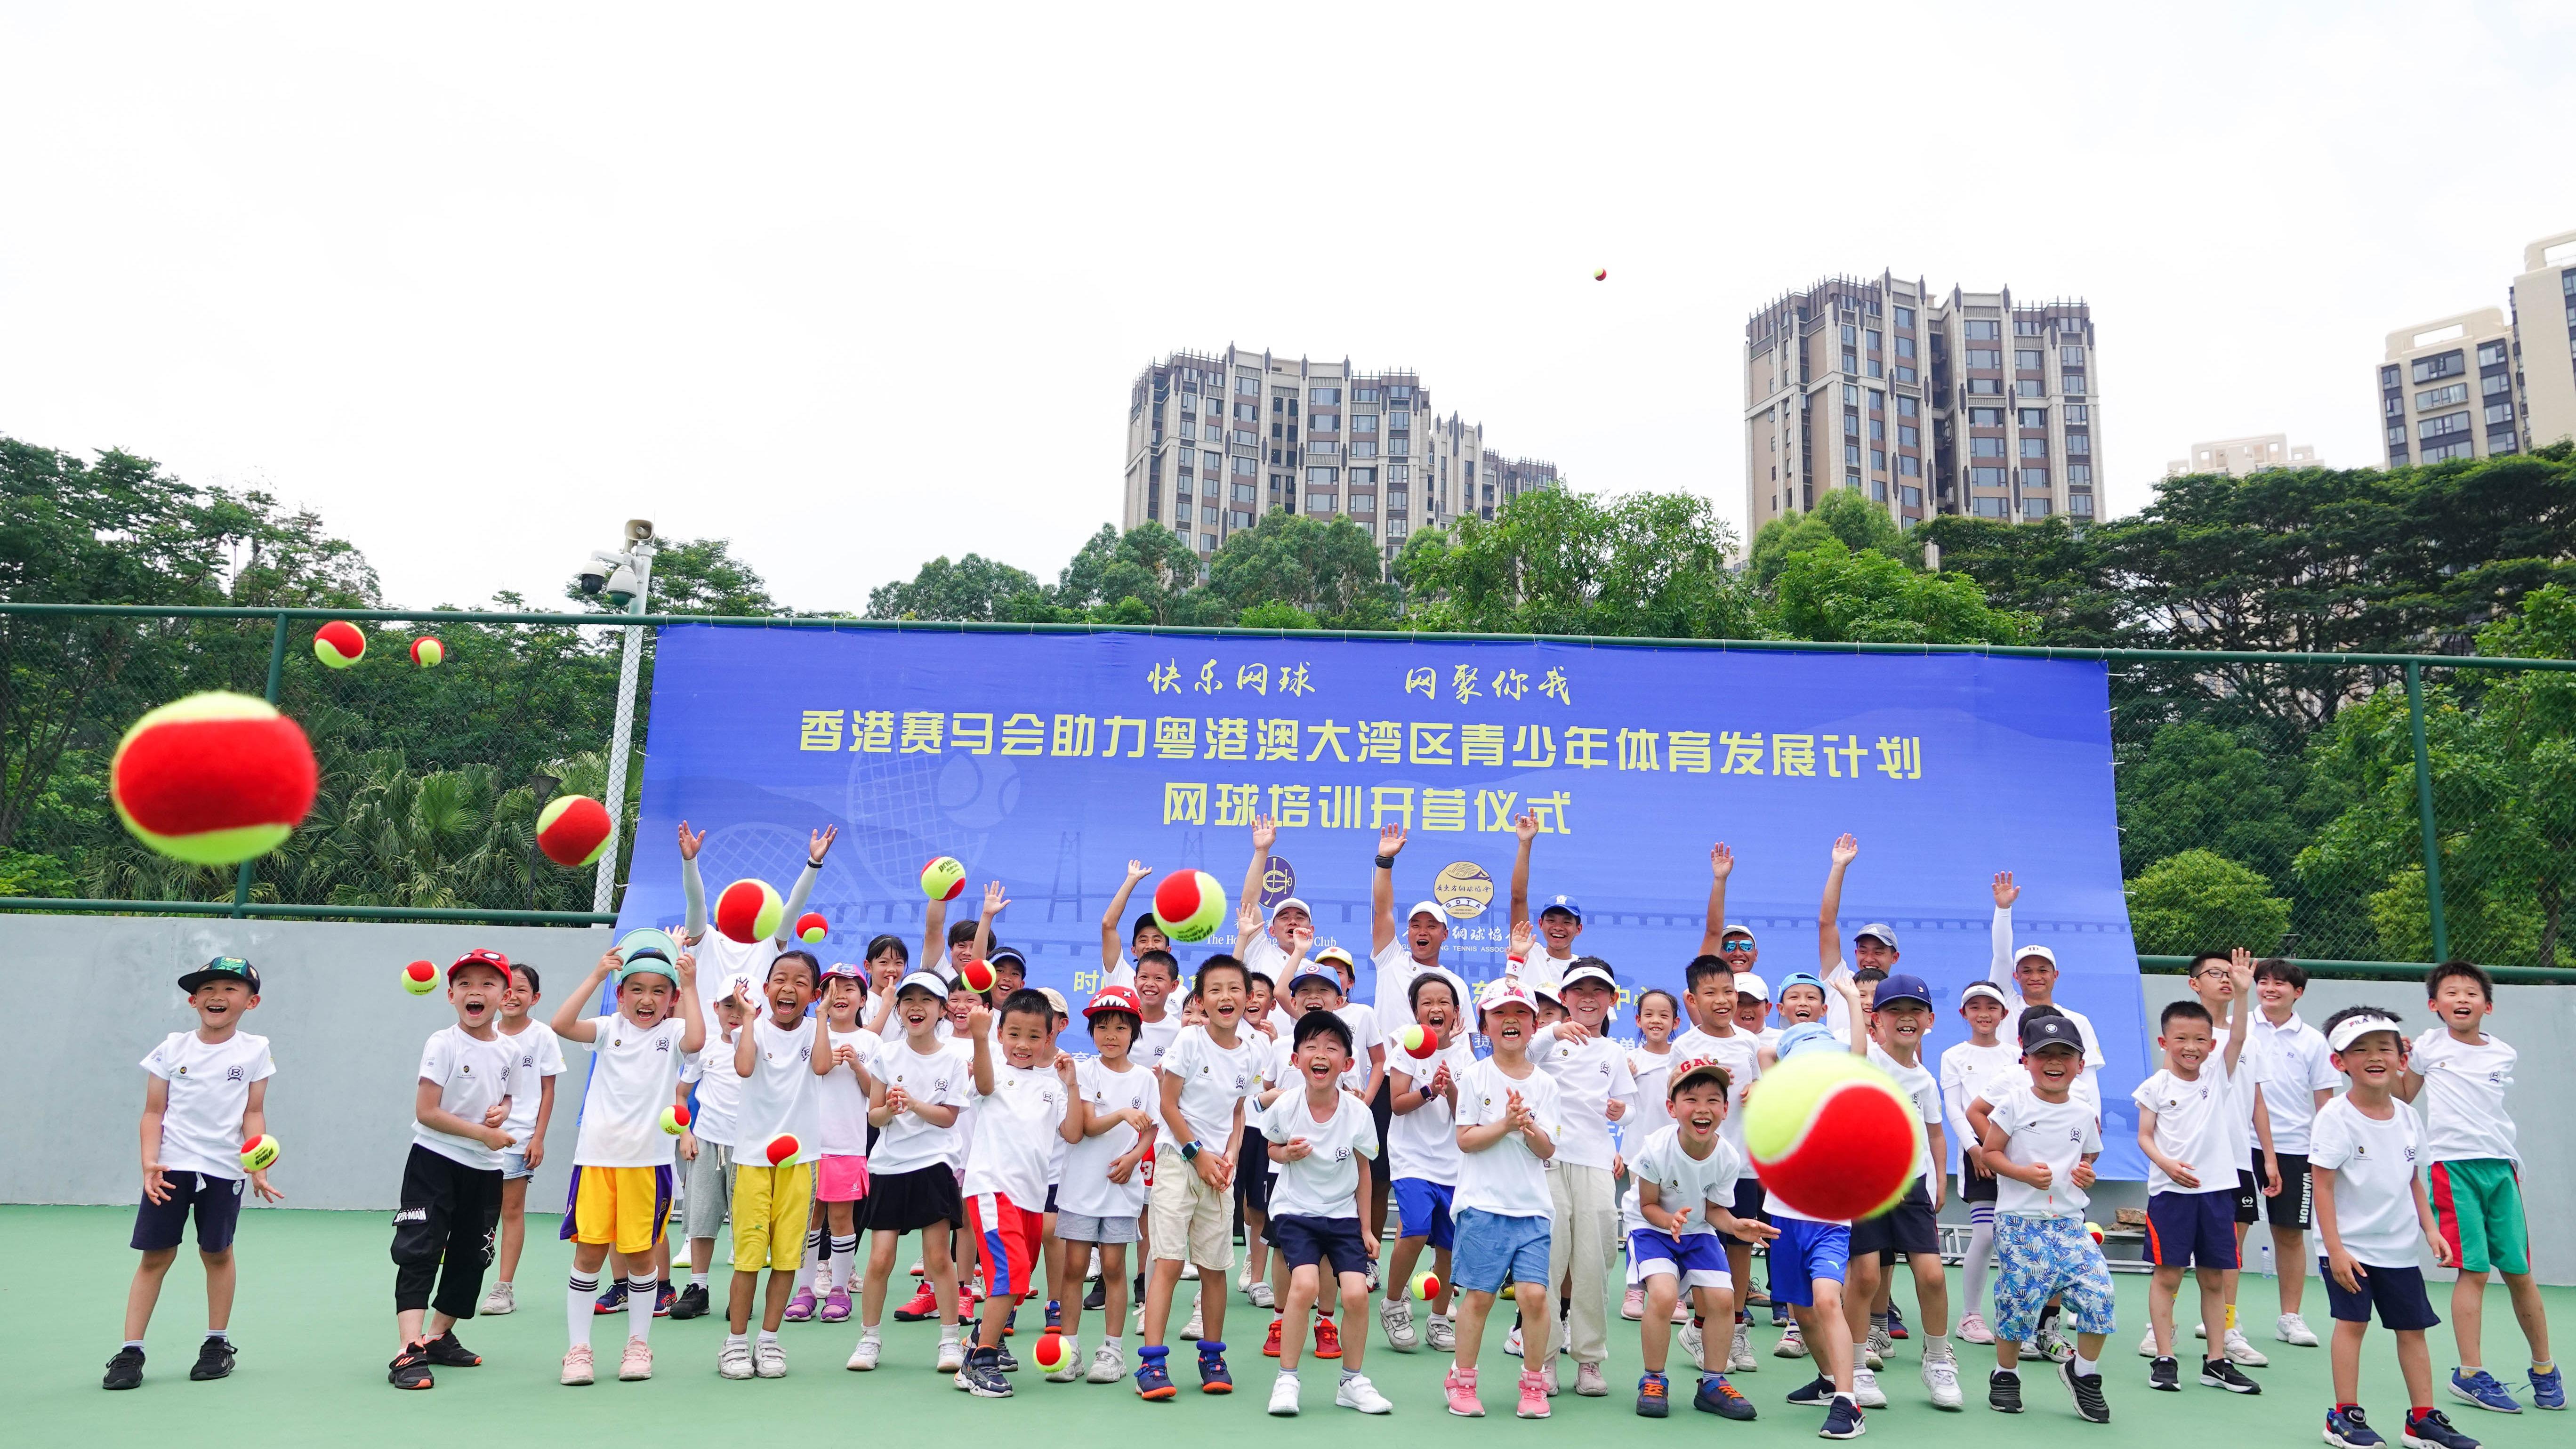 大湾区公益网球培训首进东莞,助力青少年健康运动